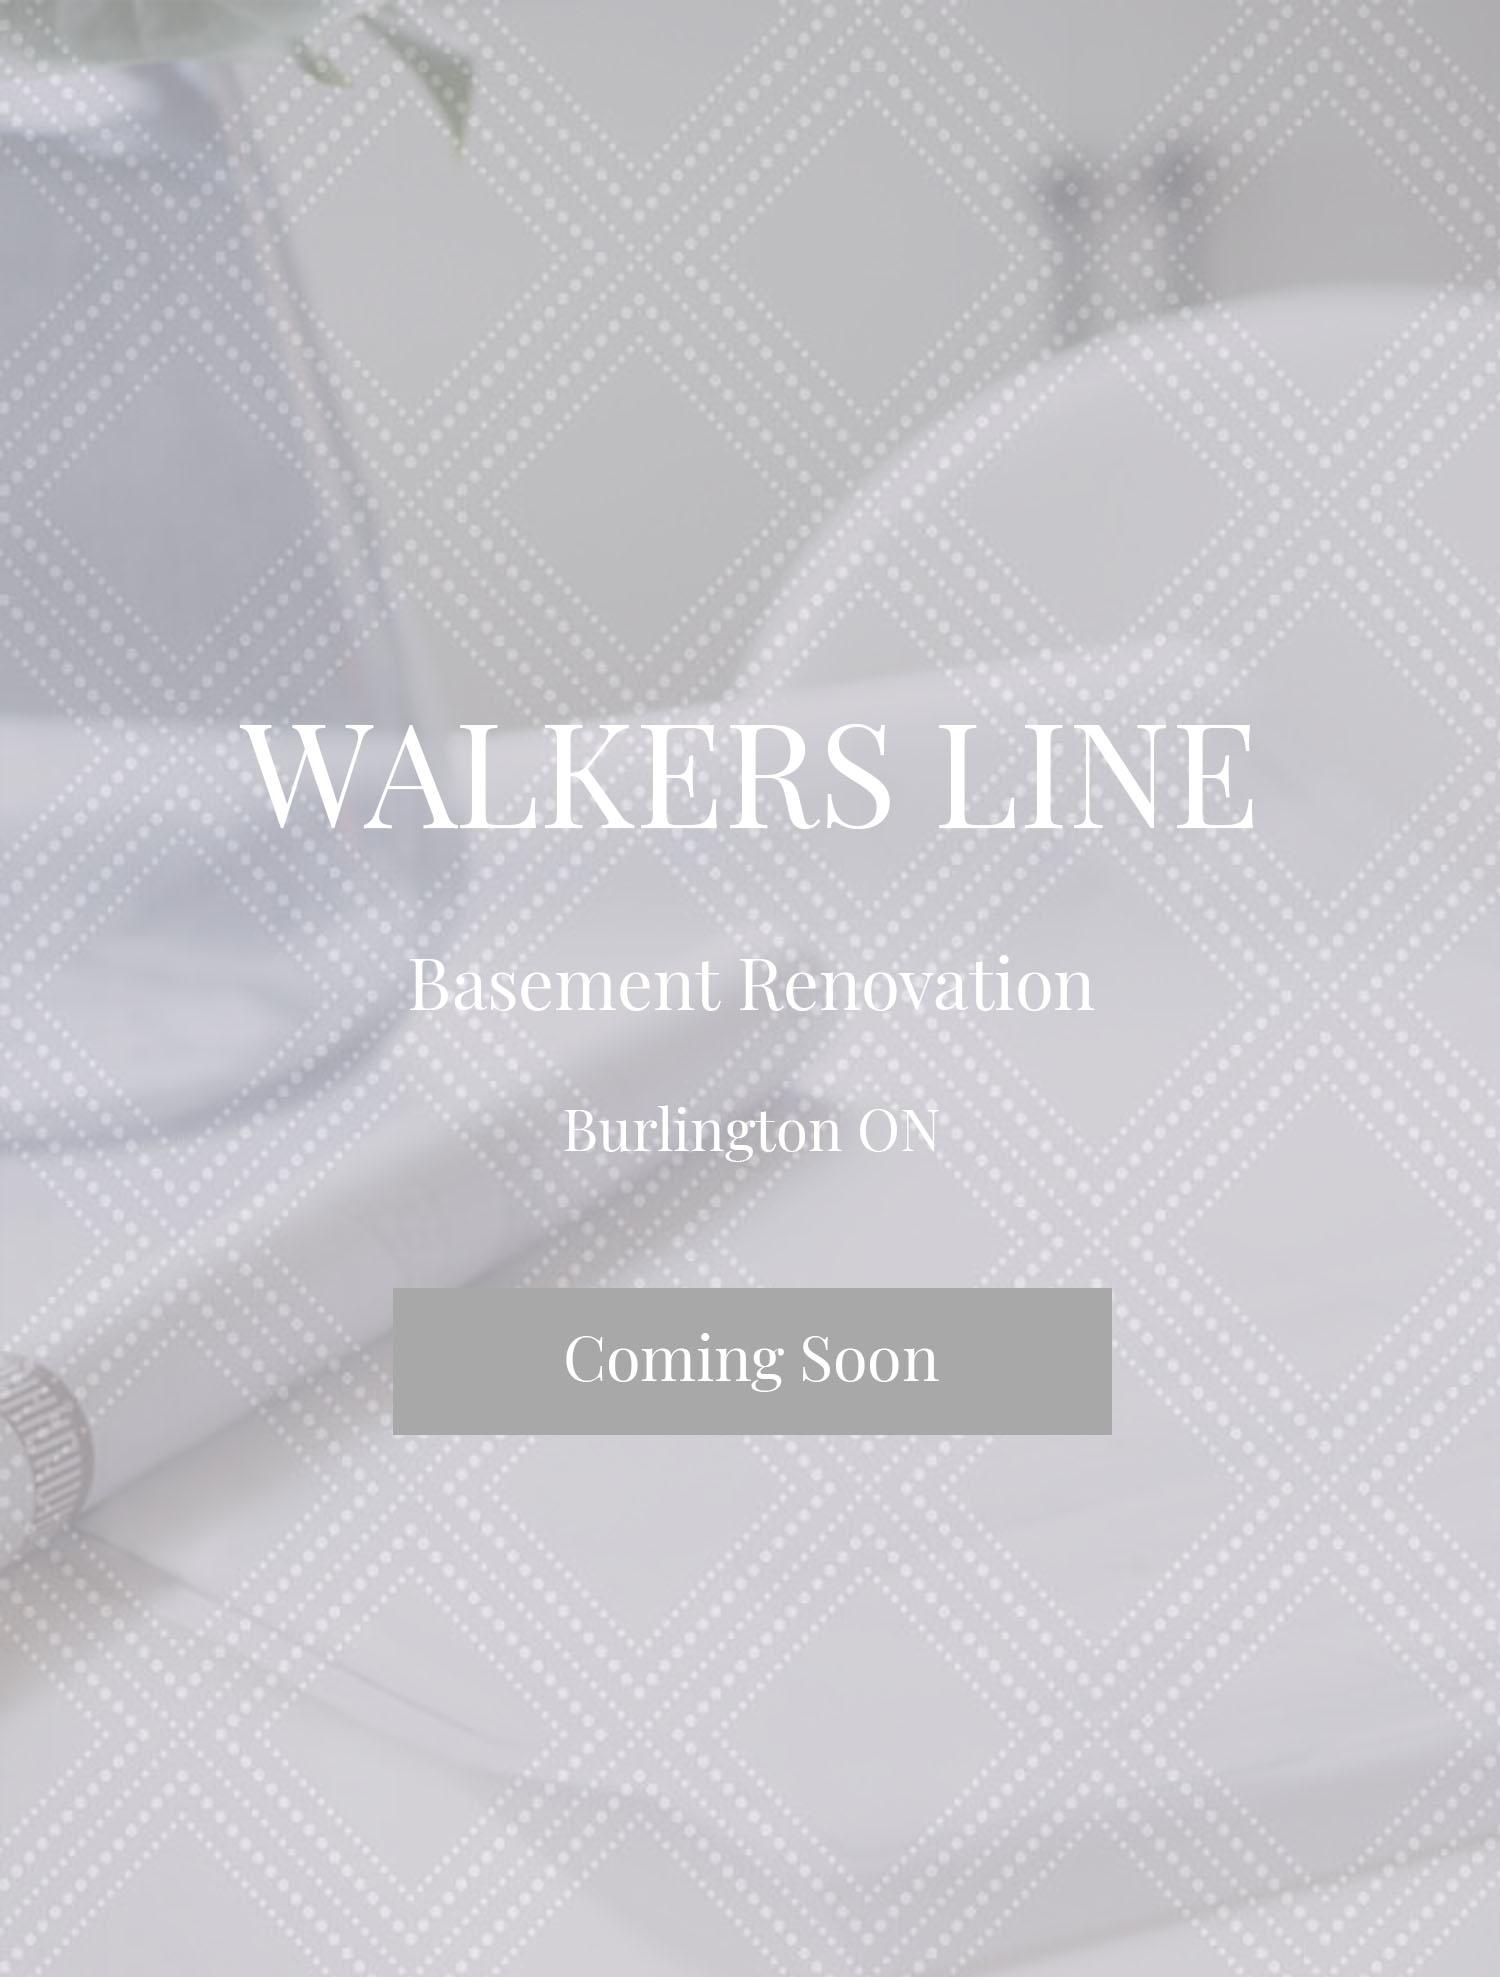 Walkers Line